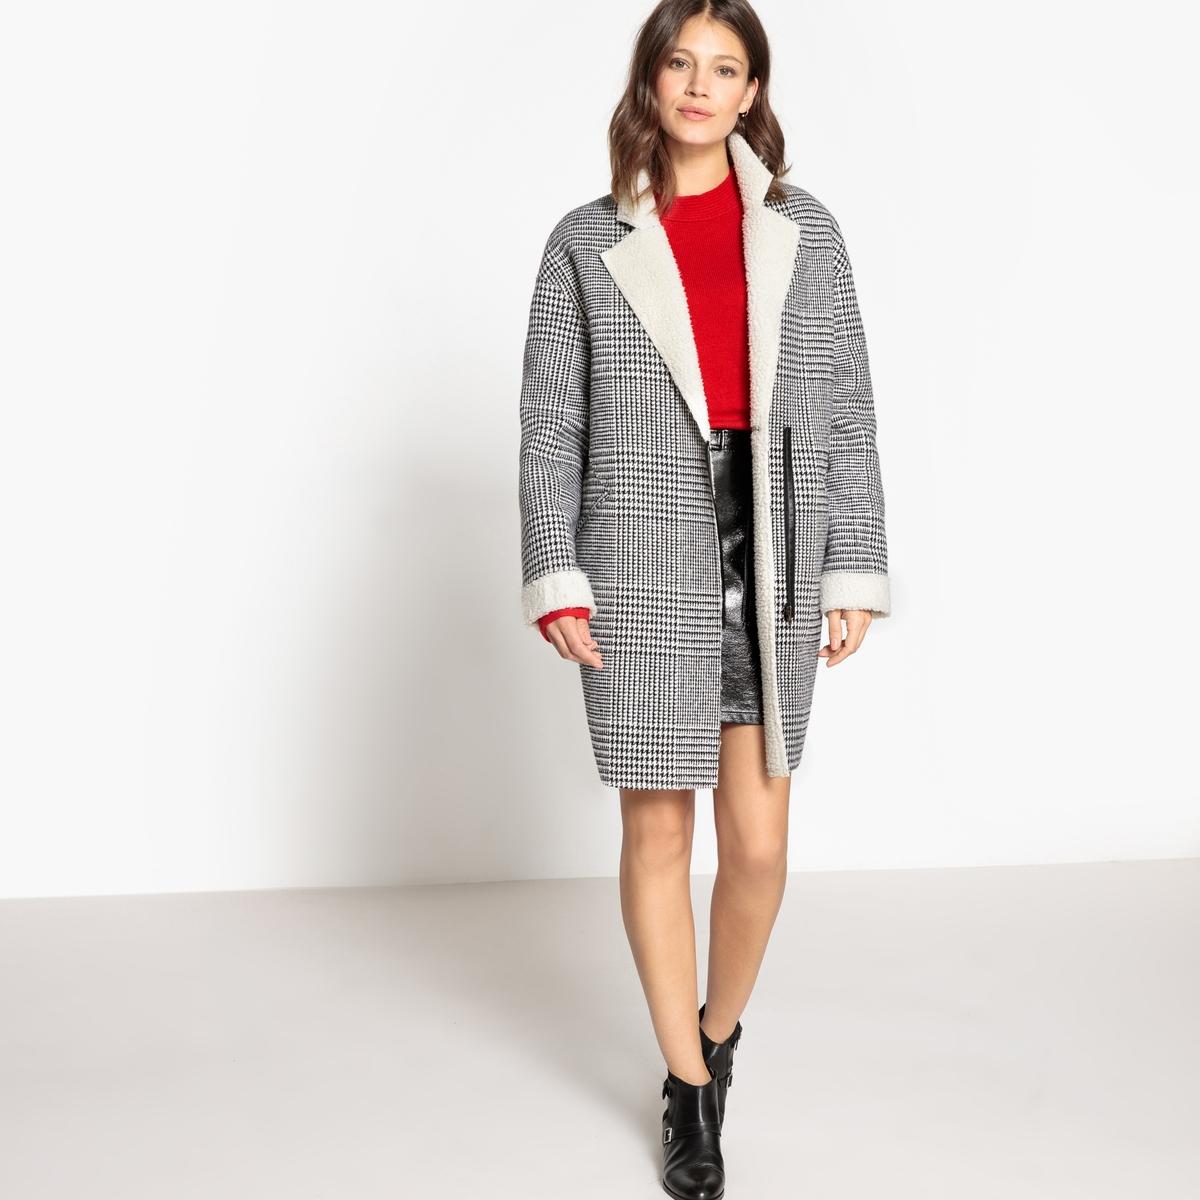 Пальто в клетку на подкладкеОписание:Мягкое женское пальто в клетку на подкладке из искусственного меха под мутон . V-образный вырез с небольшой застежкой на молнию . 2 прорезных кармана + 1 карман на молнии .Детали •  Длина : средняя •   V-образный вырез •  Рисунок в клетку •  Застежка на молниюСостав и уход •  12% шерсти, 15% акрила, 3% других волокон, 3% полиамида •  Следуйте рекомендациям по уходу, указанным на этикетке изделия •  Длина : 91,5 см<br><br>Цвет: в клетку черный/ белый<br>Размер: 42 (FR) - 48 (RUS).40 (FR) - 46 (RUS).38 (FR) - 44 (RUS).48 (FR) - 54 (RUS).46 (FR) - 52 (RUS)